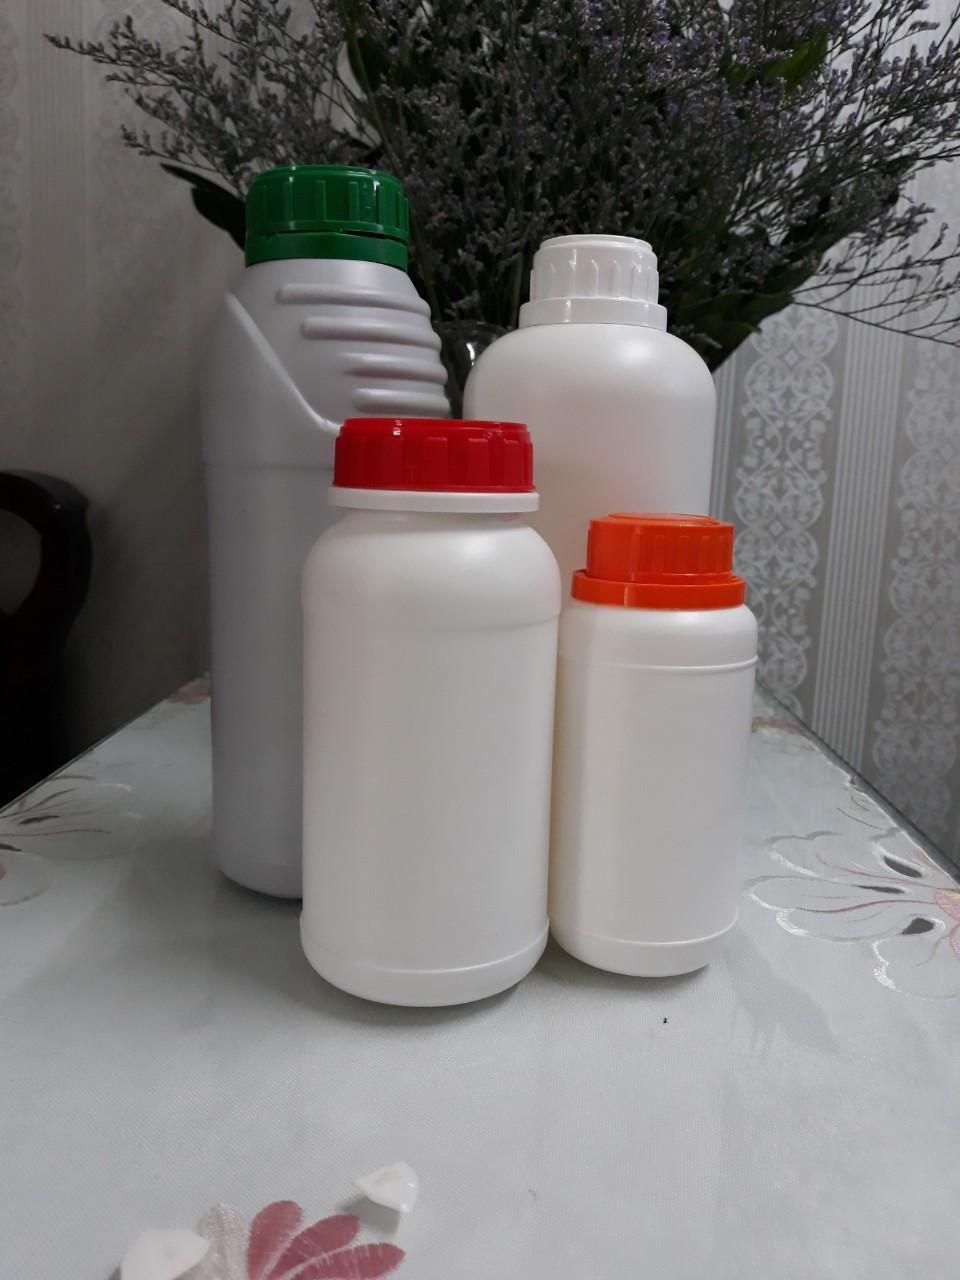 Tìm mua chai nhựa nông dược đựng hóa chất thuốc bảo vệ thực vật ở đâu?